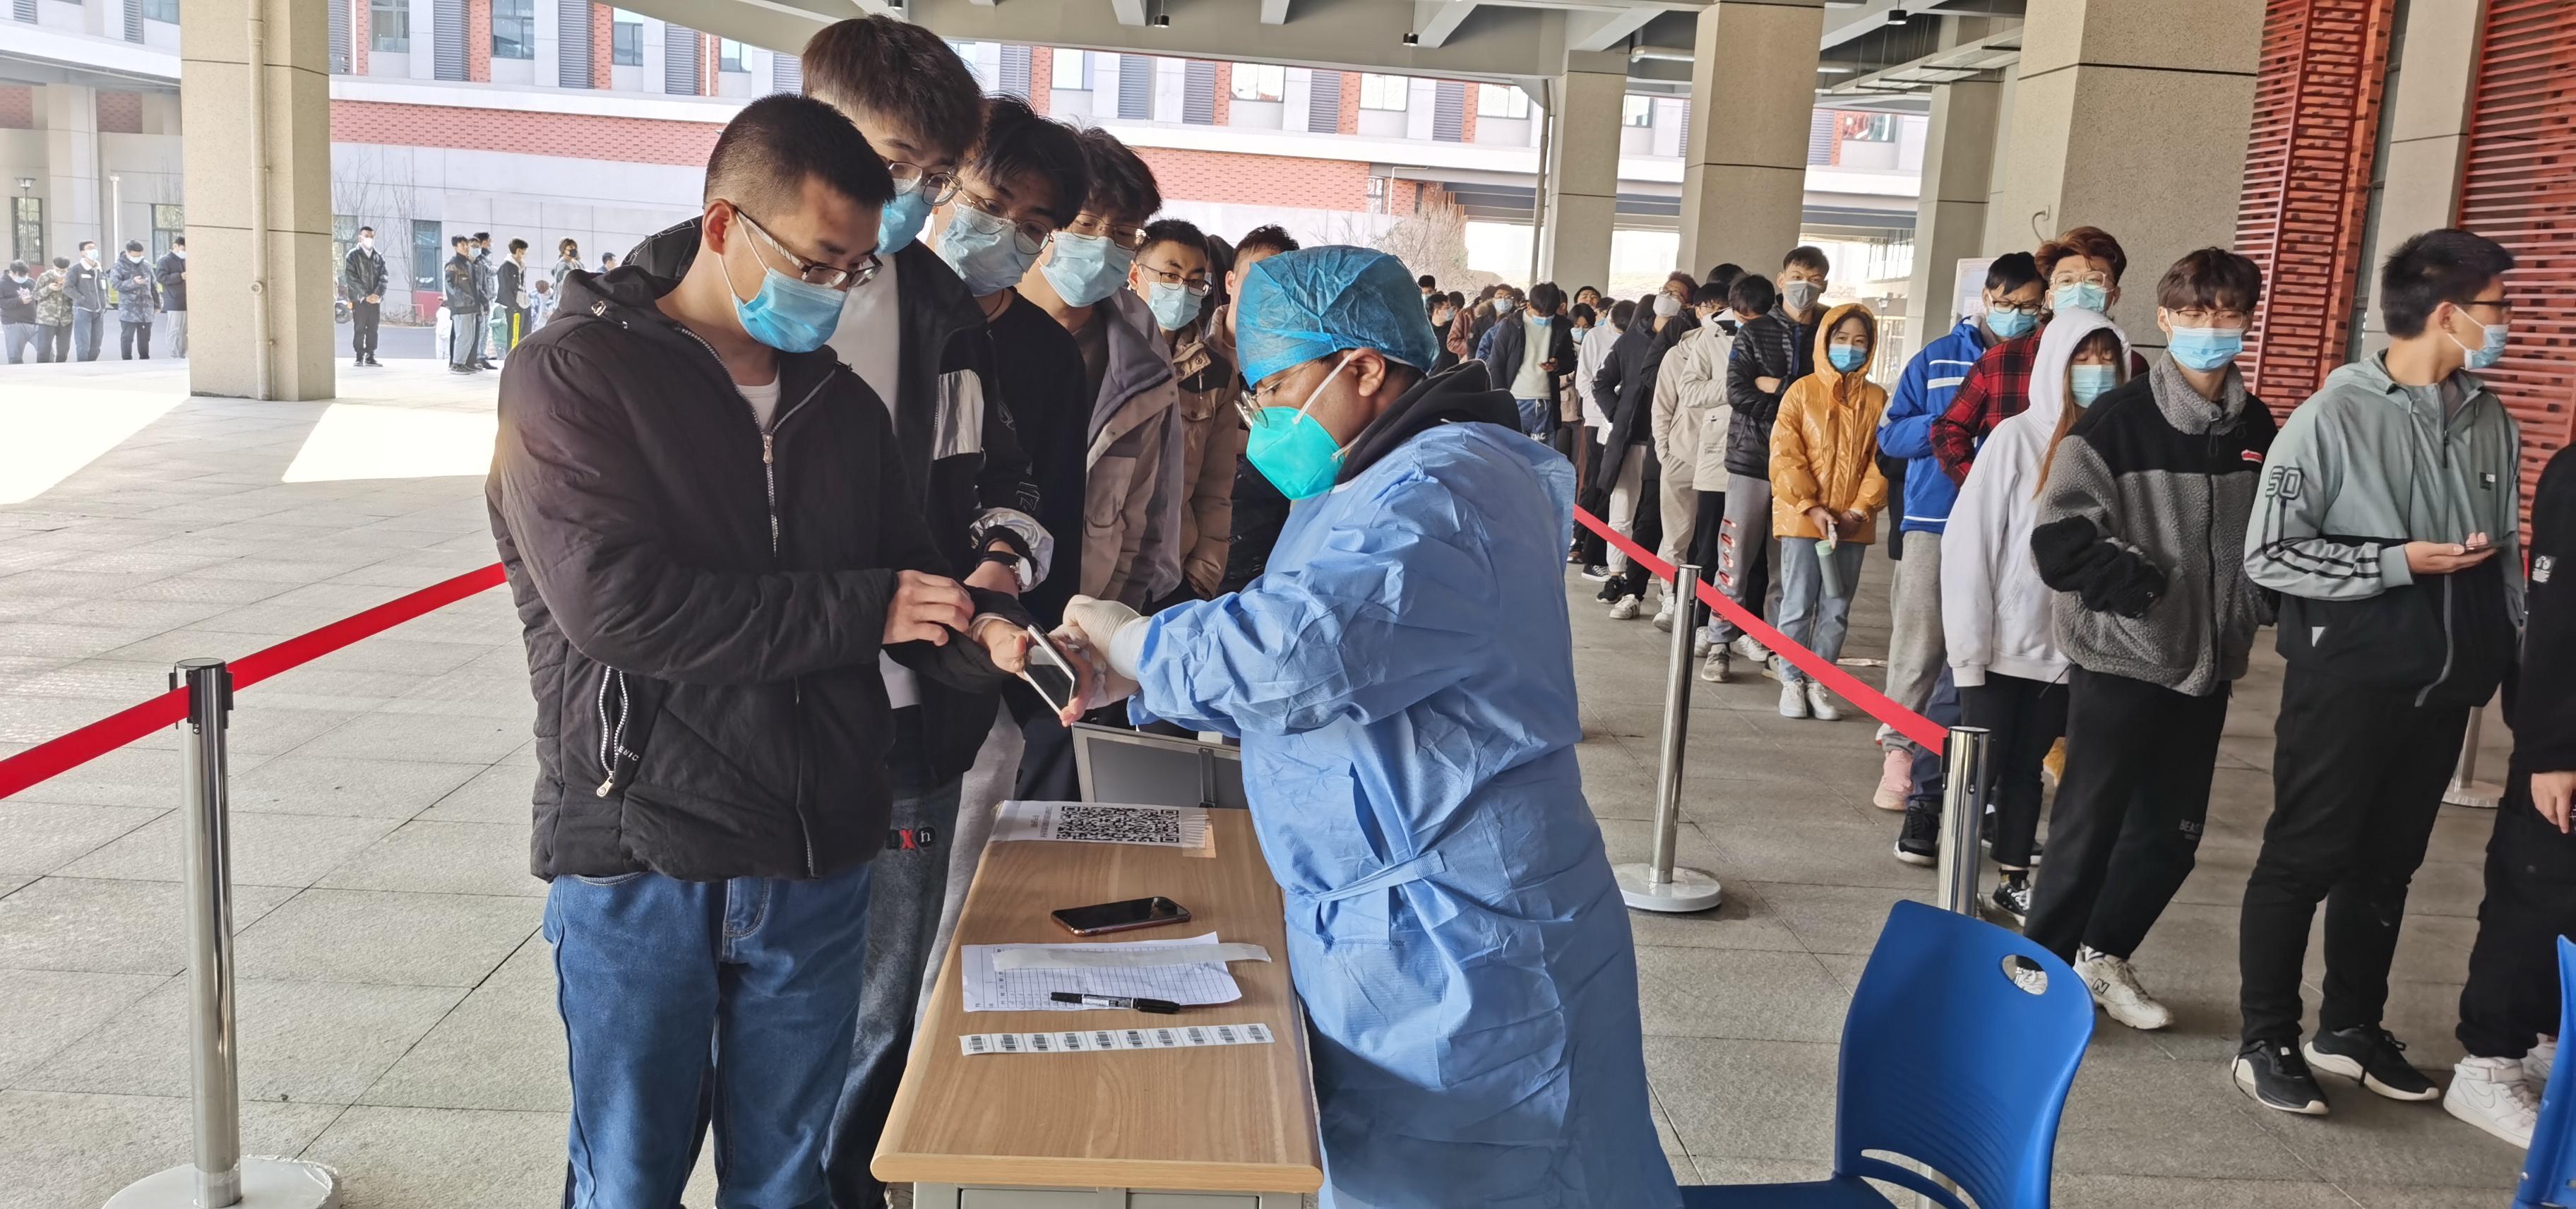 学生正在进行核酸检测.jpg